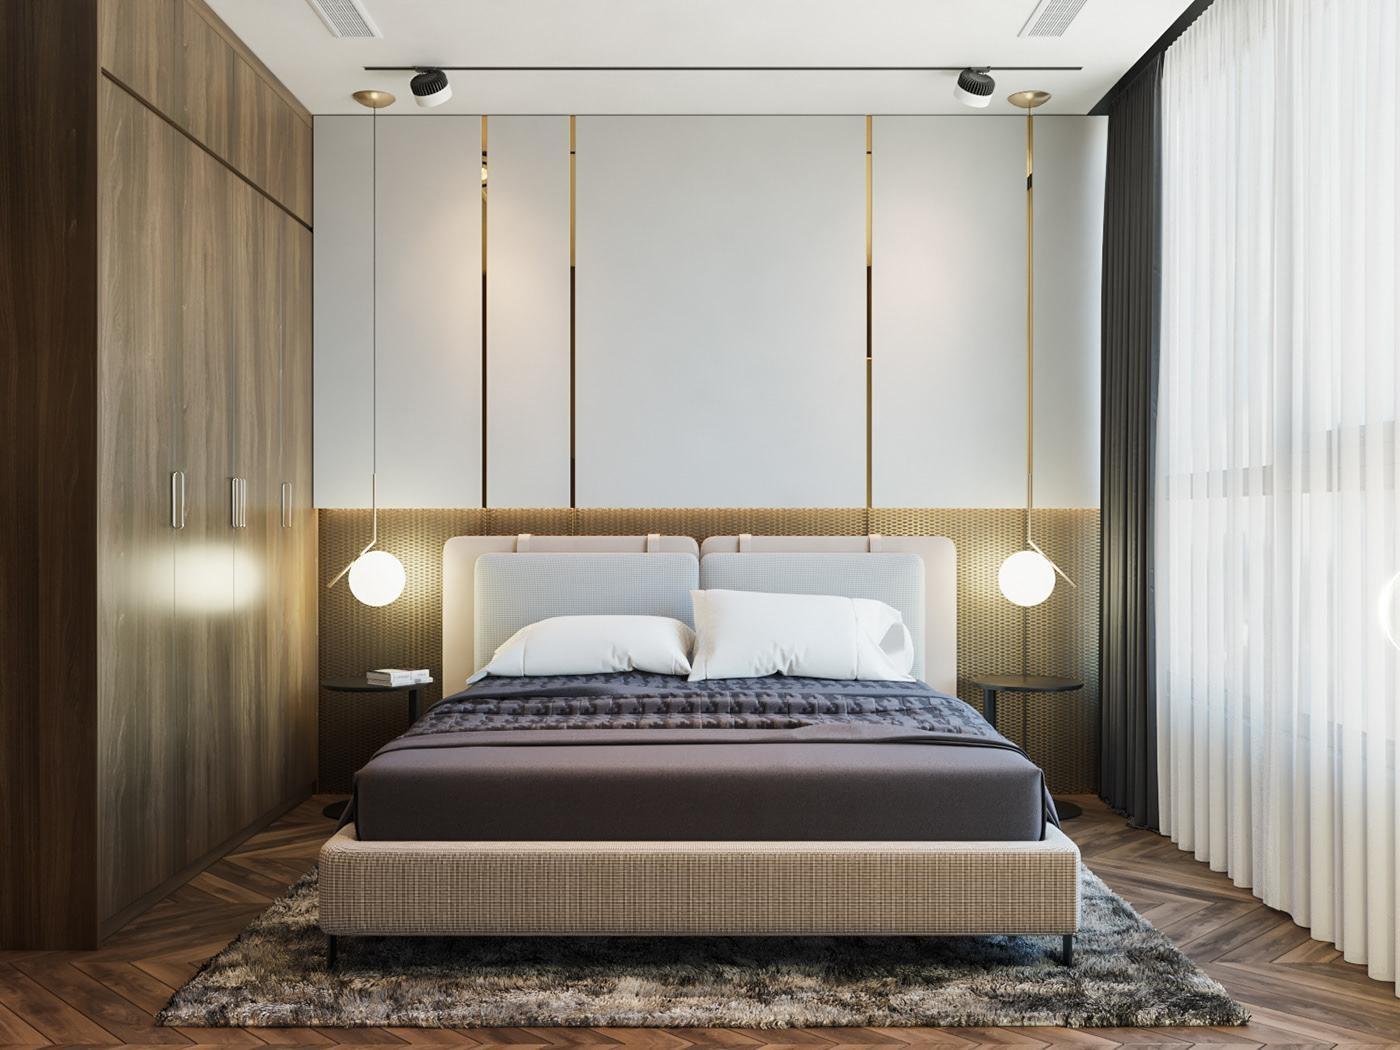 trang trí phòng ngủ tiết kiệm